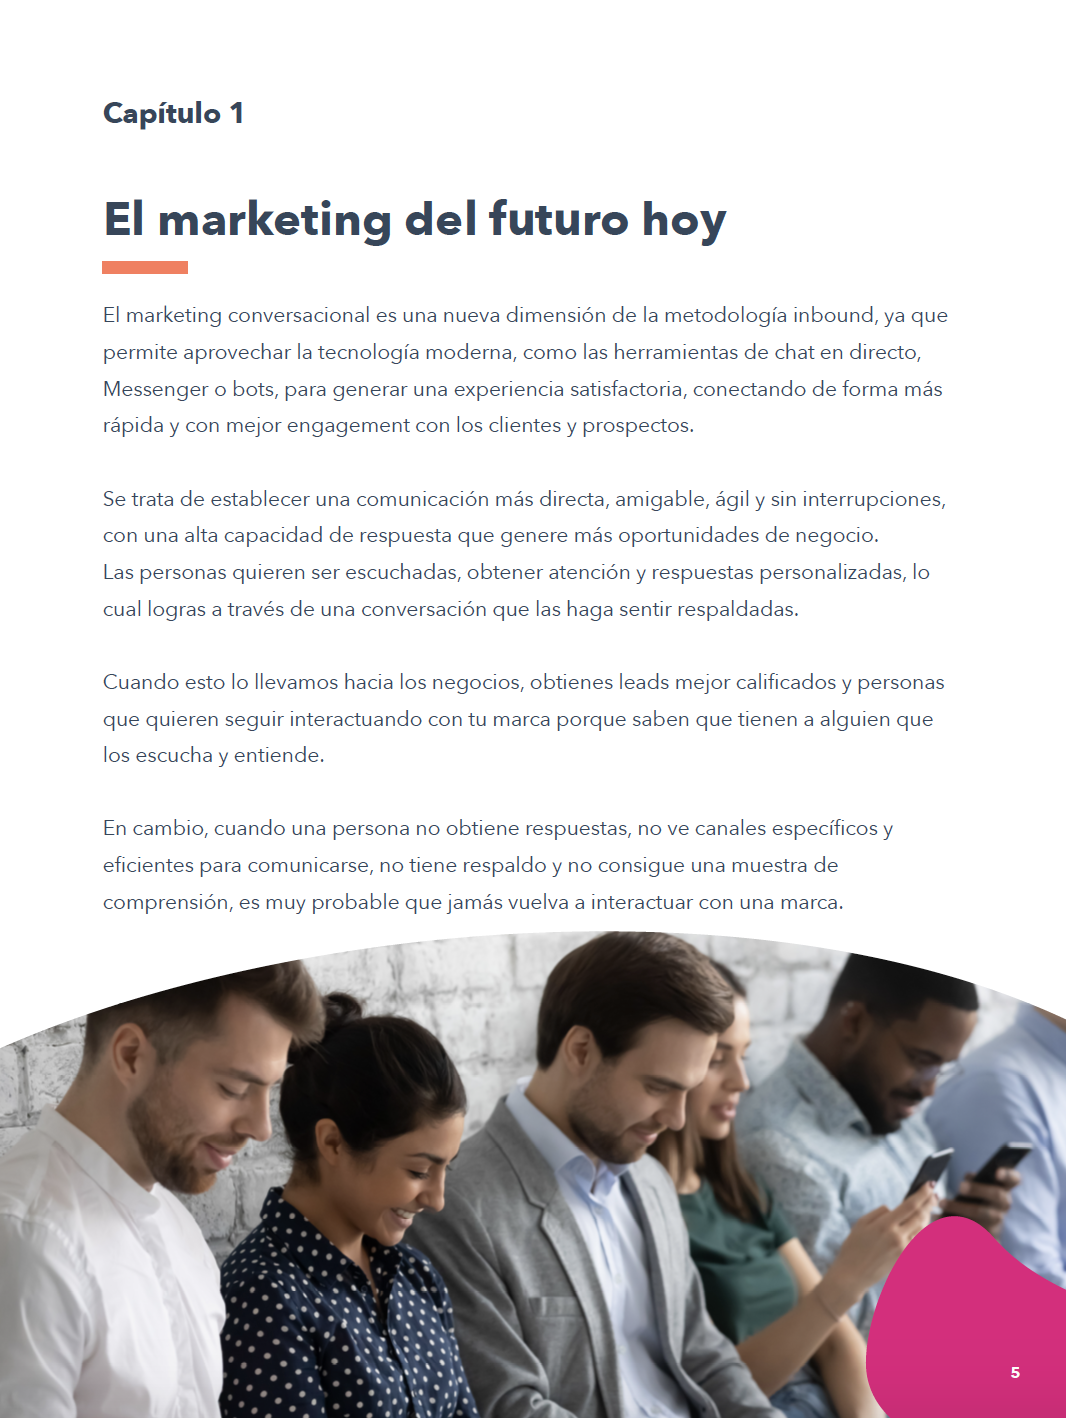 Cómo crear estrategias de marketing conversacional